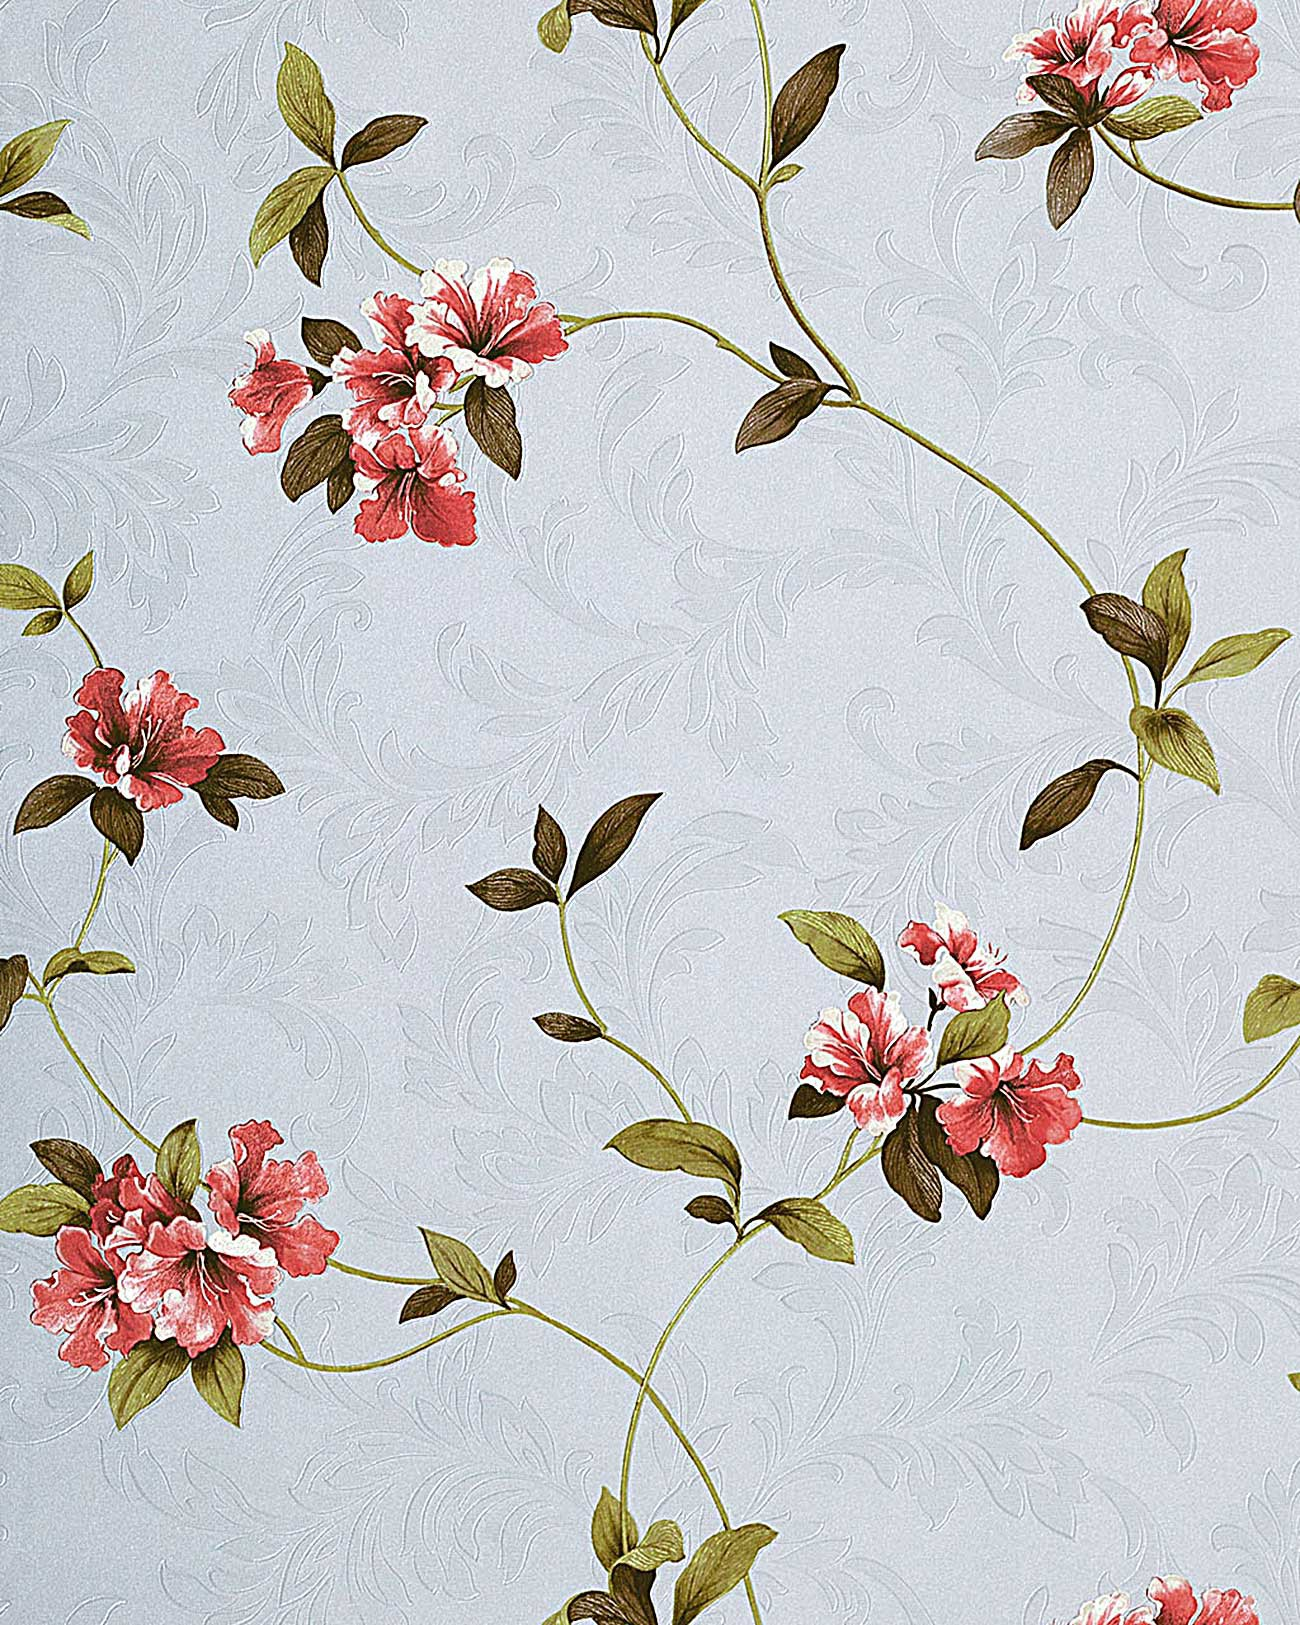 papier peint motif floral edem 761 25 lilas clair lavande rouge vert brun m2. Black Bedroom Furniture Sets. Home Design Ideas